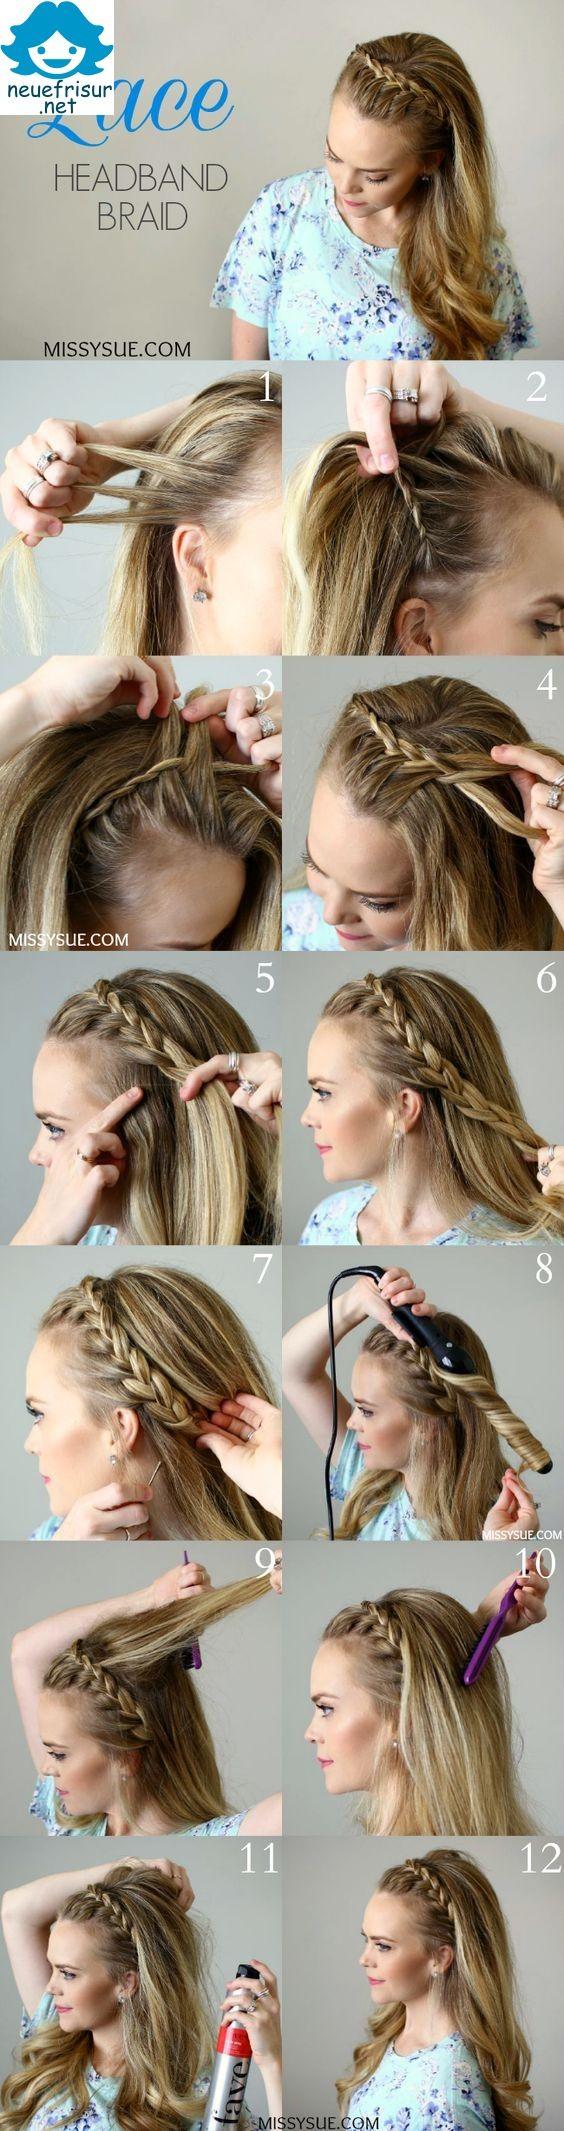 Peinados casuales en cabello corto